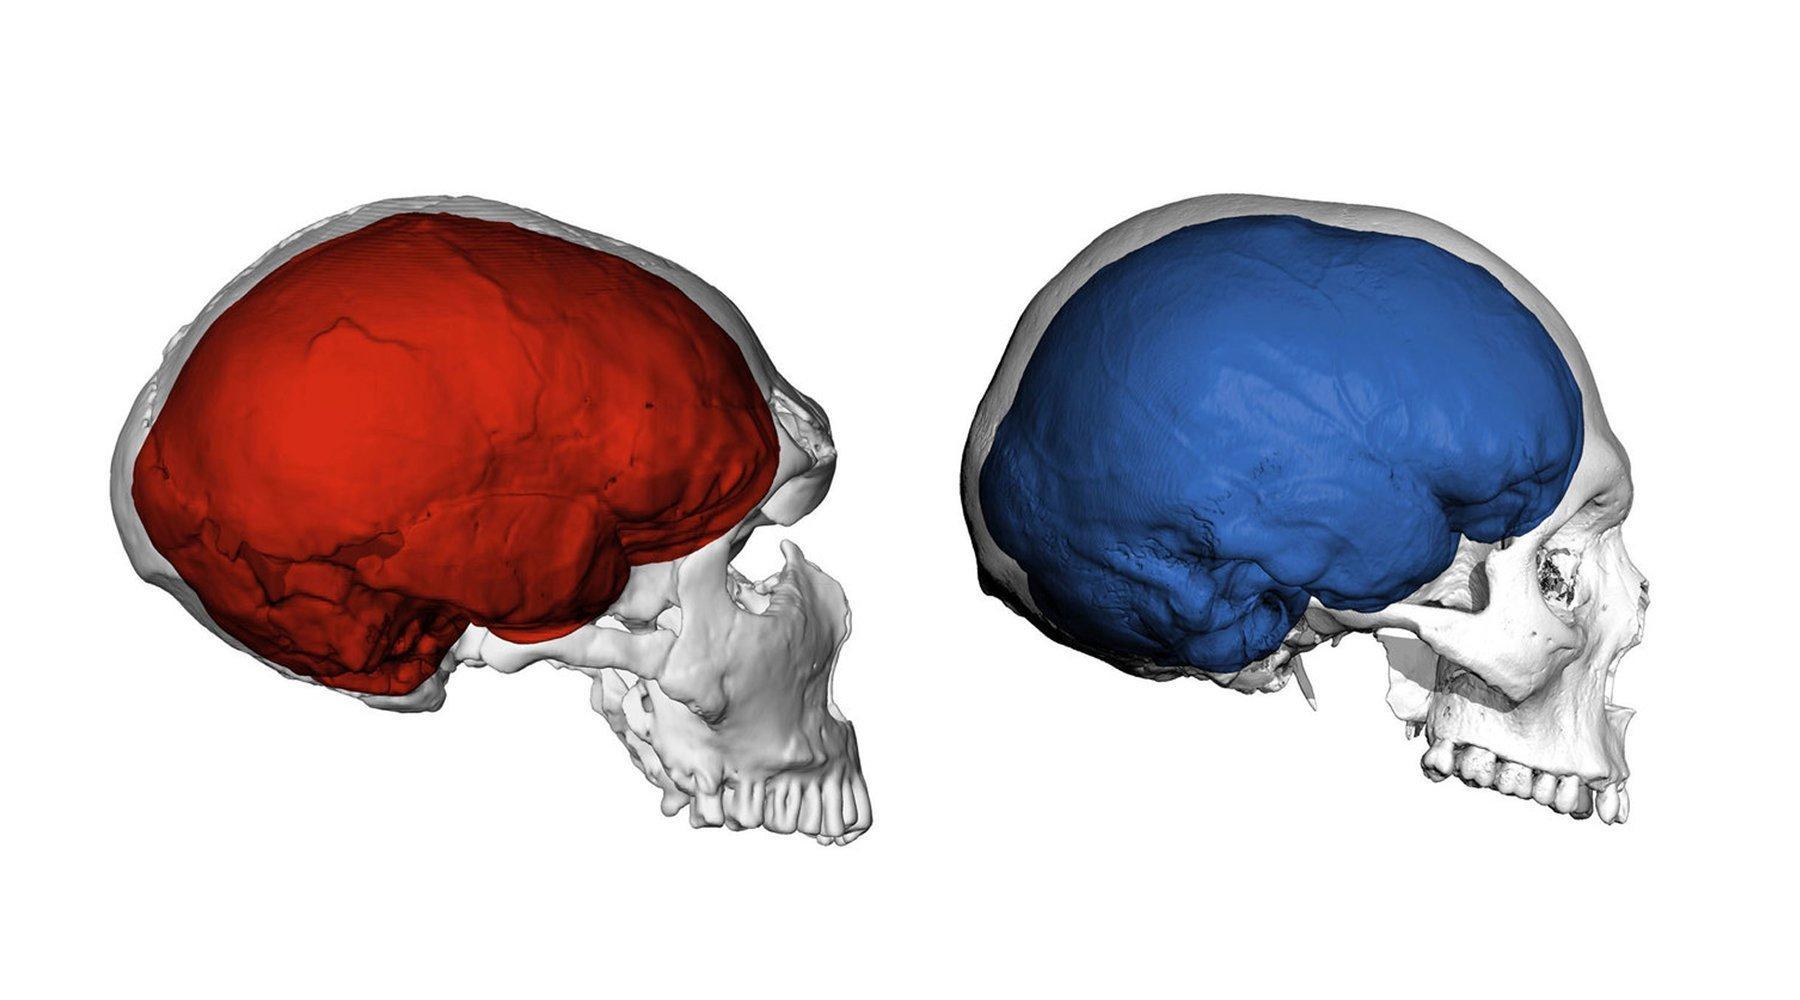 Die Abbildung zeigt links einen das computergenerierte Bild eines Neandertaler-Schädels von der Seite. Er ist langezogen und enthält eine rot gefärbte Darstellung vom Gehirn des Urmenschen. Rechts ist die entsprechende Ansicht eines Homo sapiens-Schädels zu sehen, dessen Gehirn blau dargestellt ist. Dessen Schädel und Gehirn sind fast rund, während sie beim Neandertaler länglich sind. Ein internationales Team aus Leipzig und Nijmegen, Niederlande, untersuchte jetzt, welchen Einfluss die Gene der Neandertaler auf die Hirnstruktur heutiger Menschen haben.